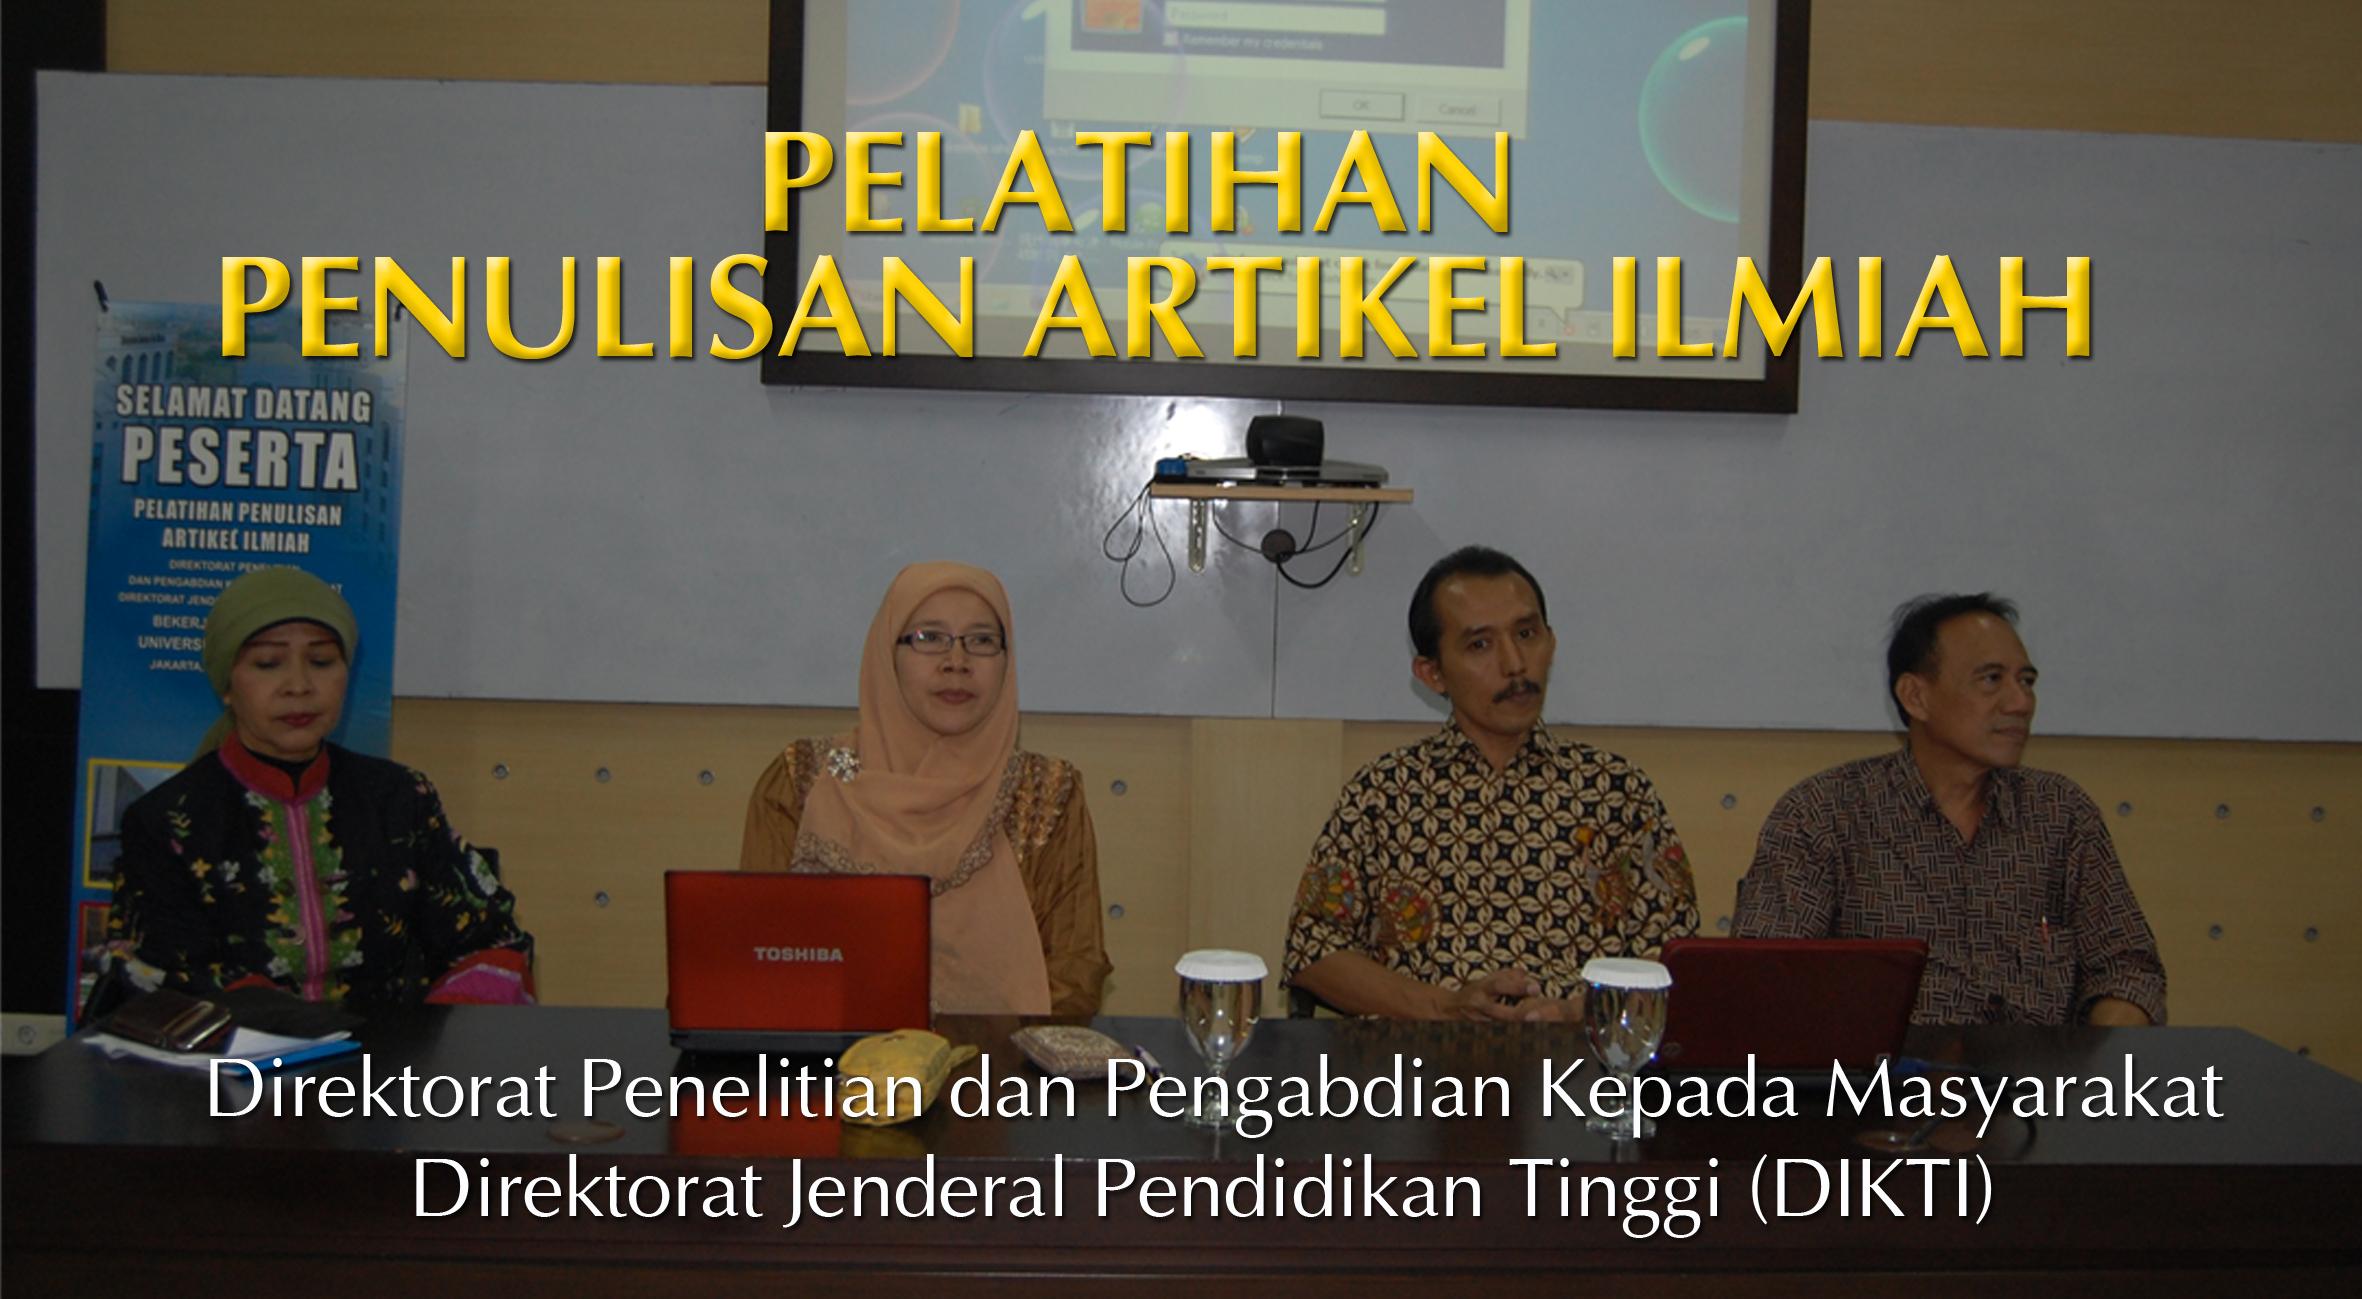 Universitas Esa Unggul menyelenggarakan Pelatihan Penulisan Artikel Ilmiah – Direktorat Pengabdian dan Pengabdian Kepada Masyarakat DIKTI